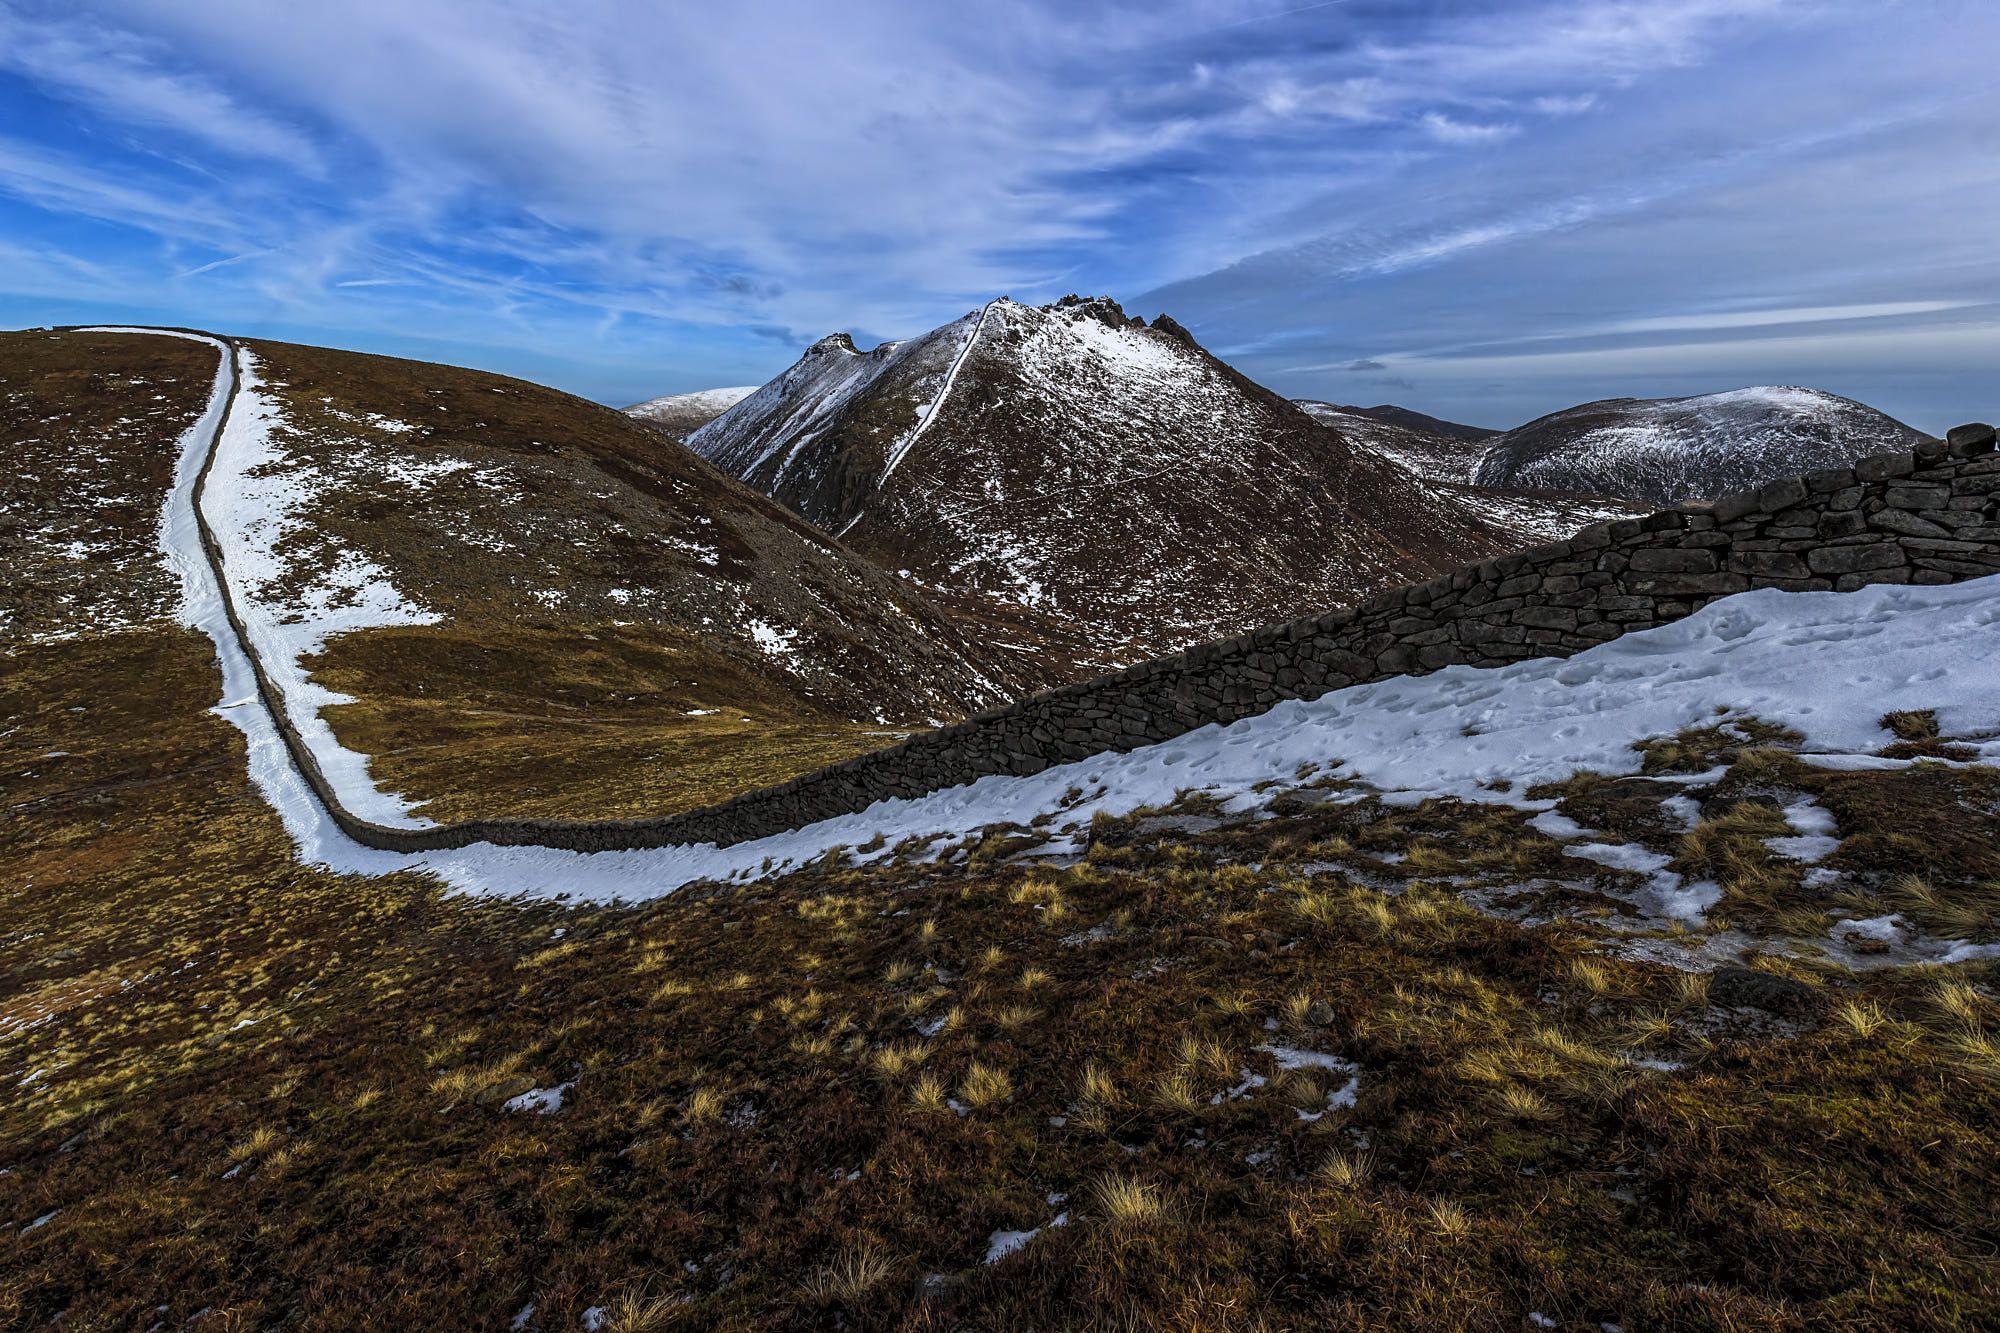 avrupa rüyası irlanda mourne adaları